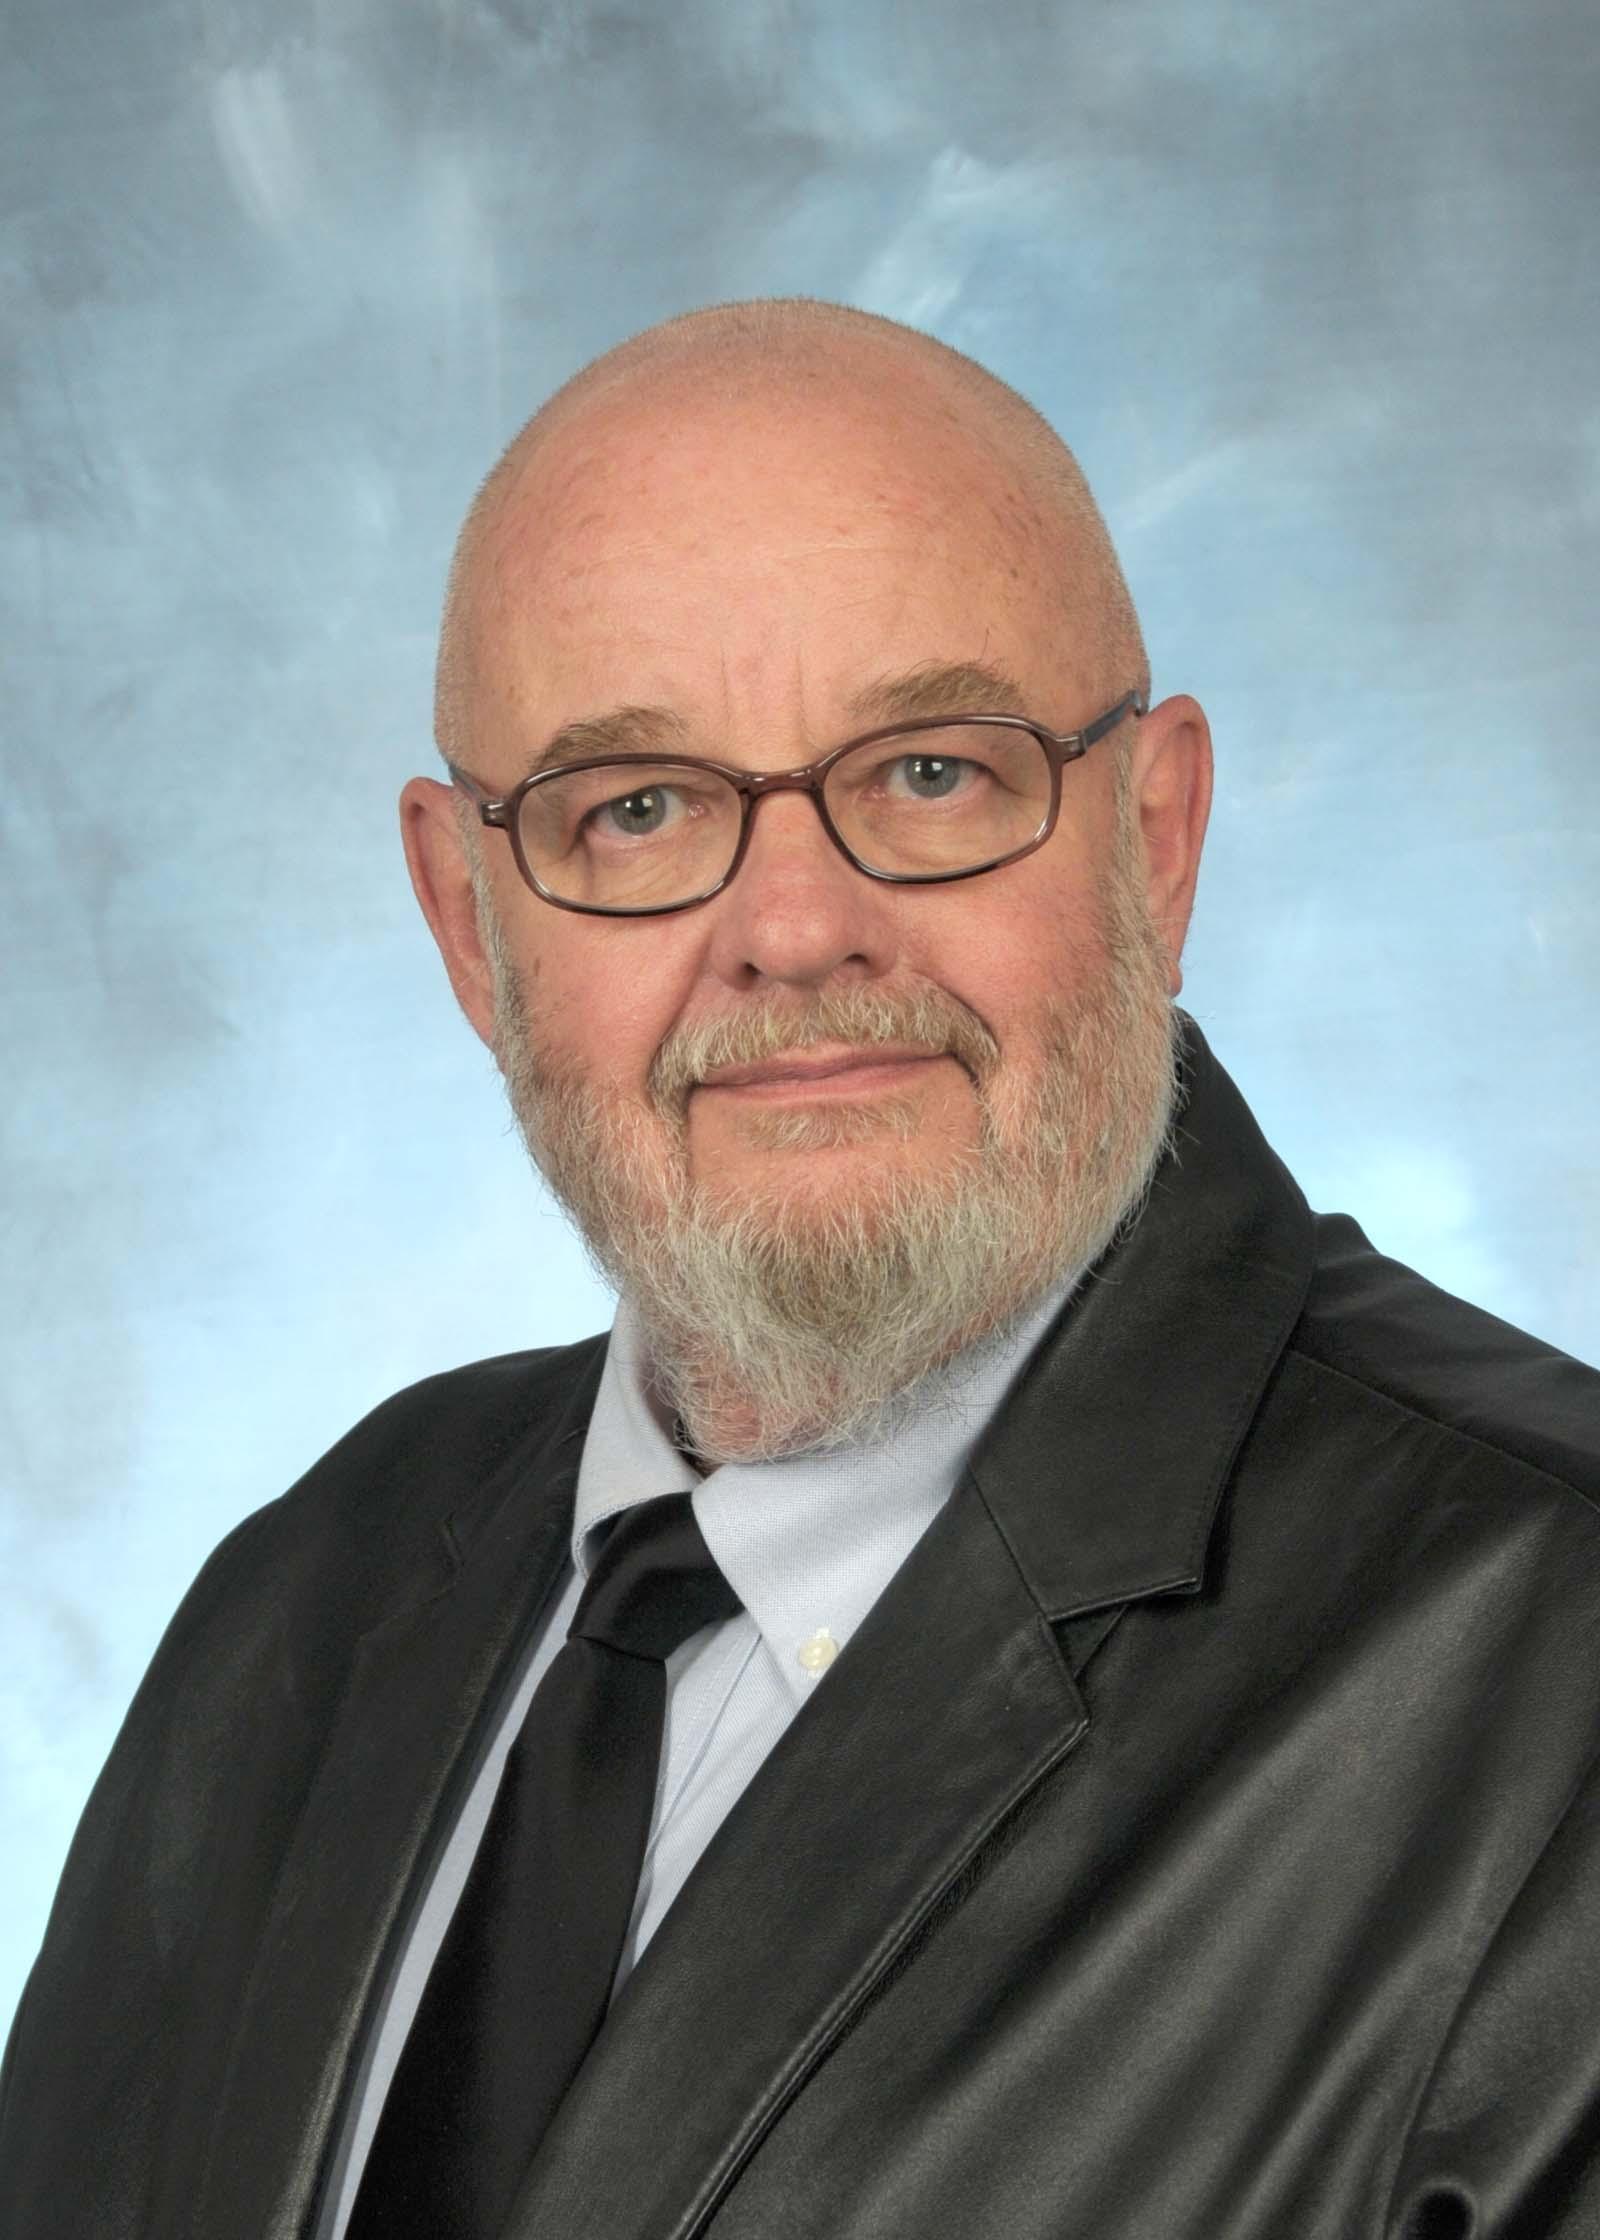 Prof. Arch Getty